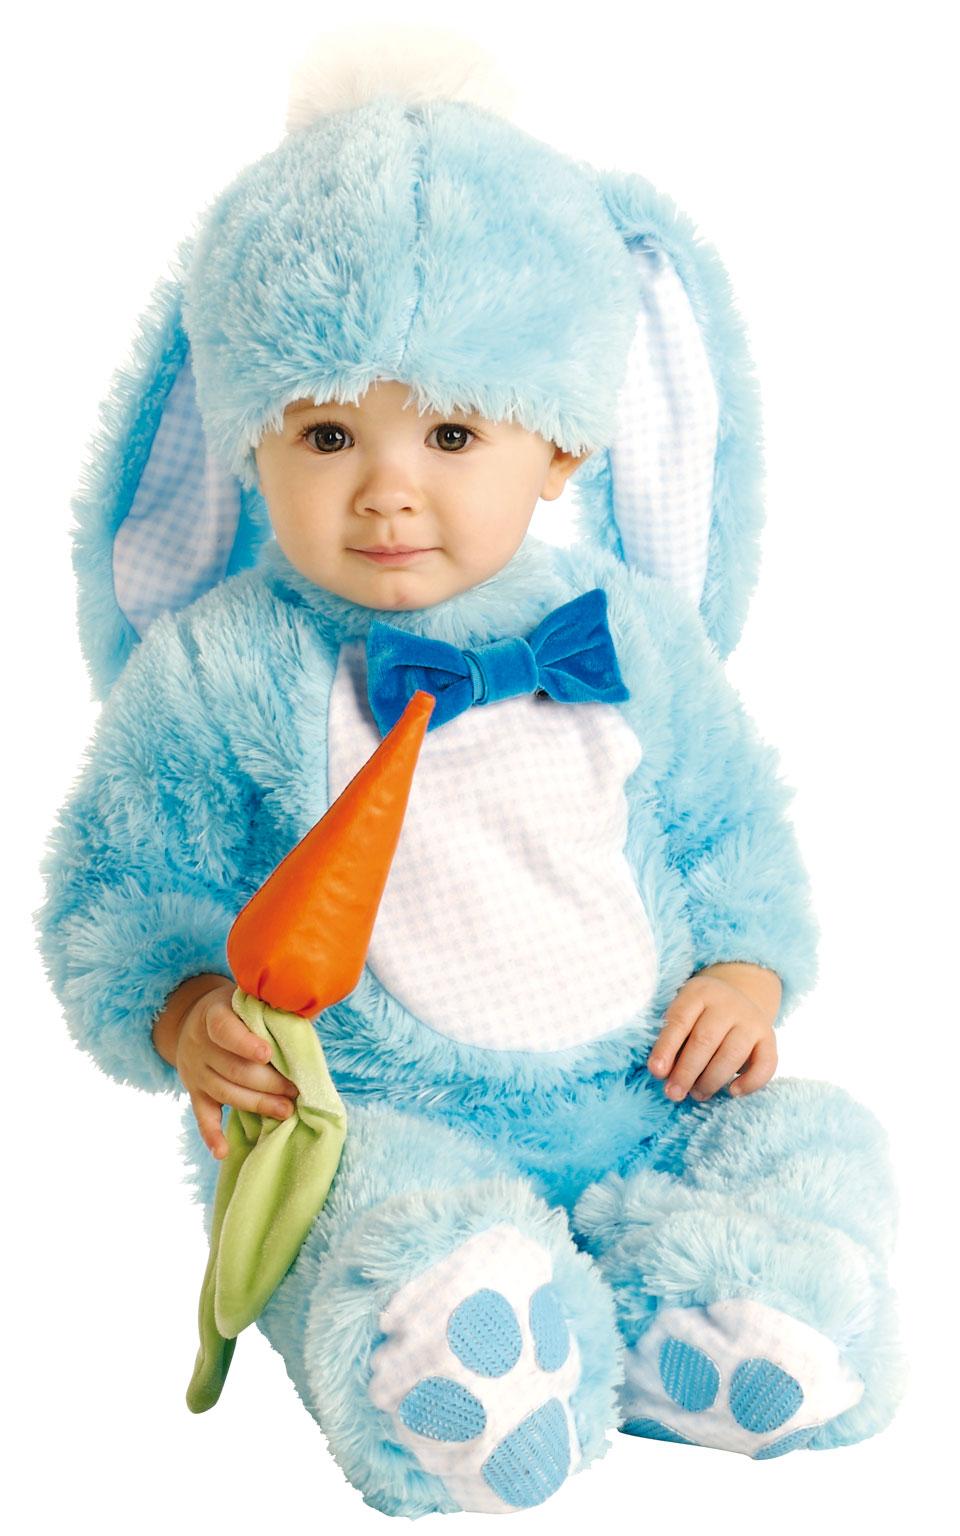 Baby kostým - modrý králíček (12-18m)